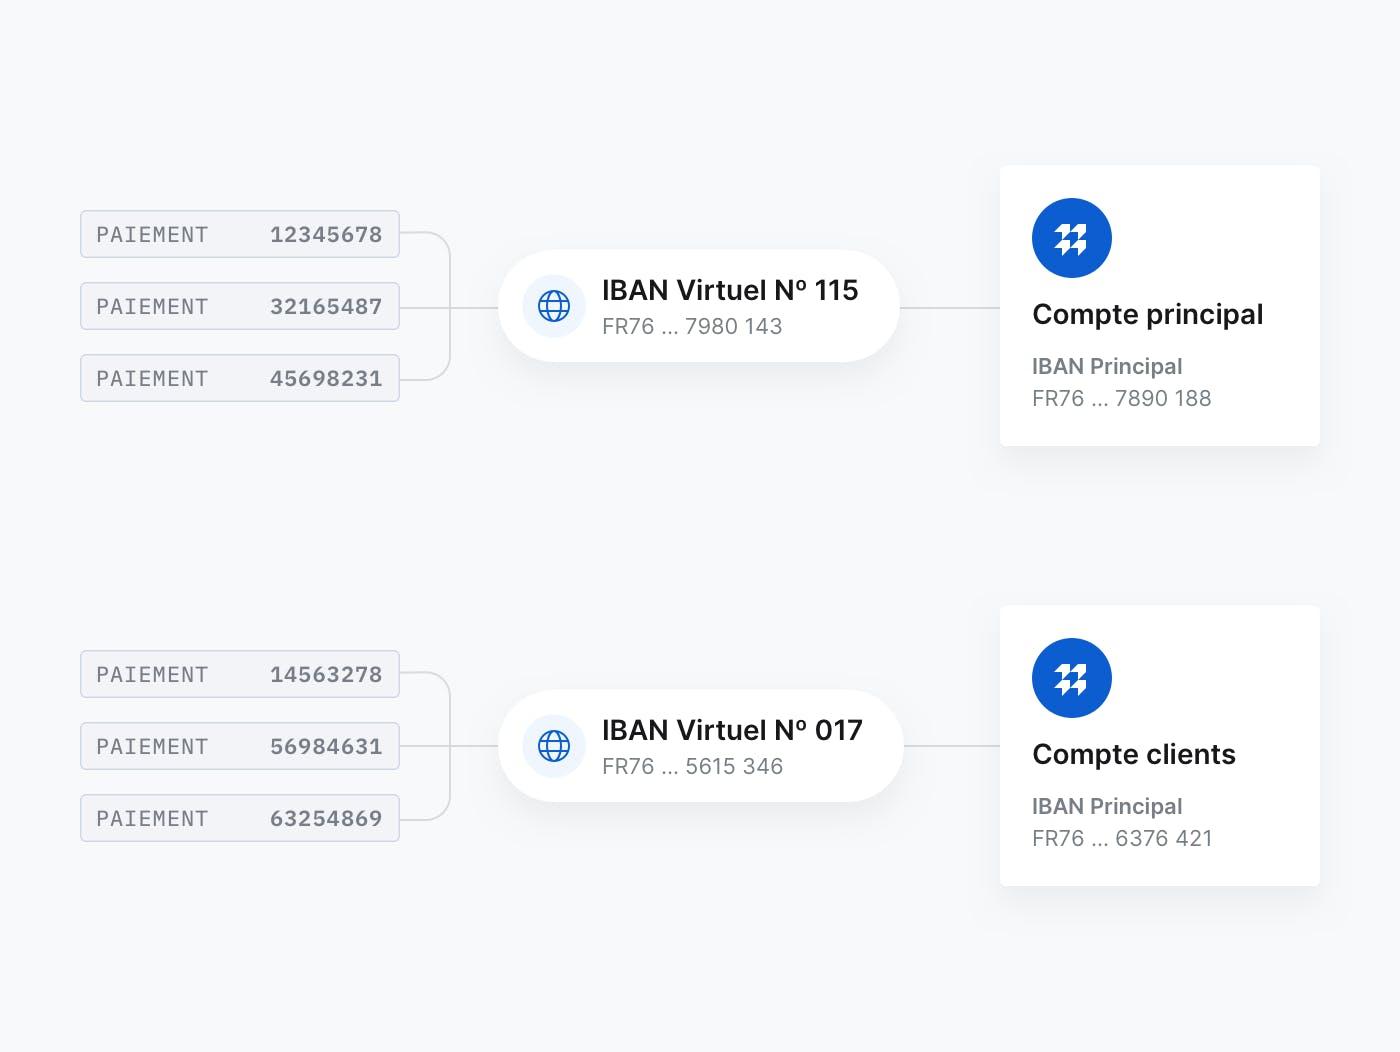 Créez autant d'IBAN virtuels que vous voulez sur chacun de vos comptes courants